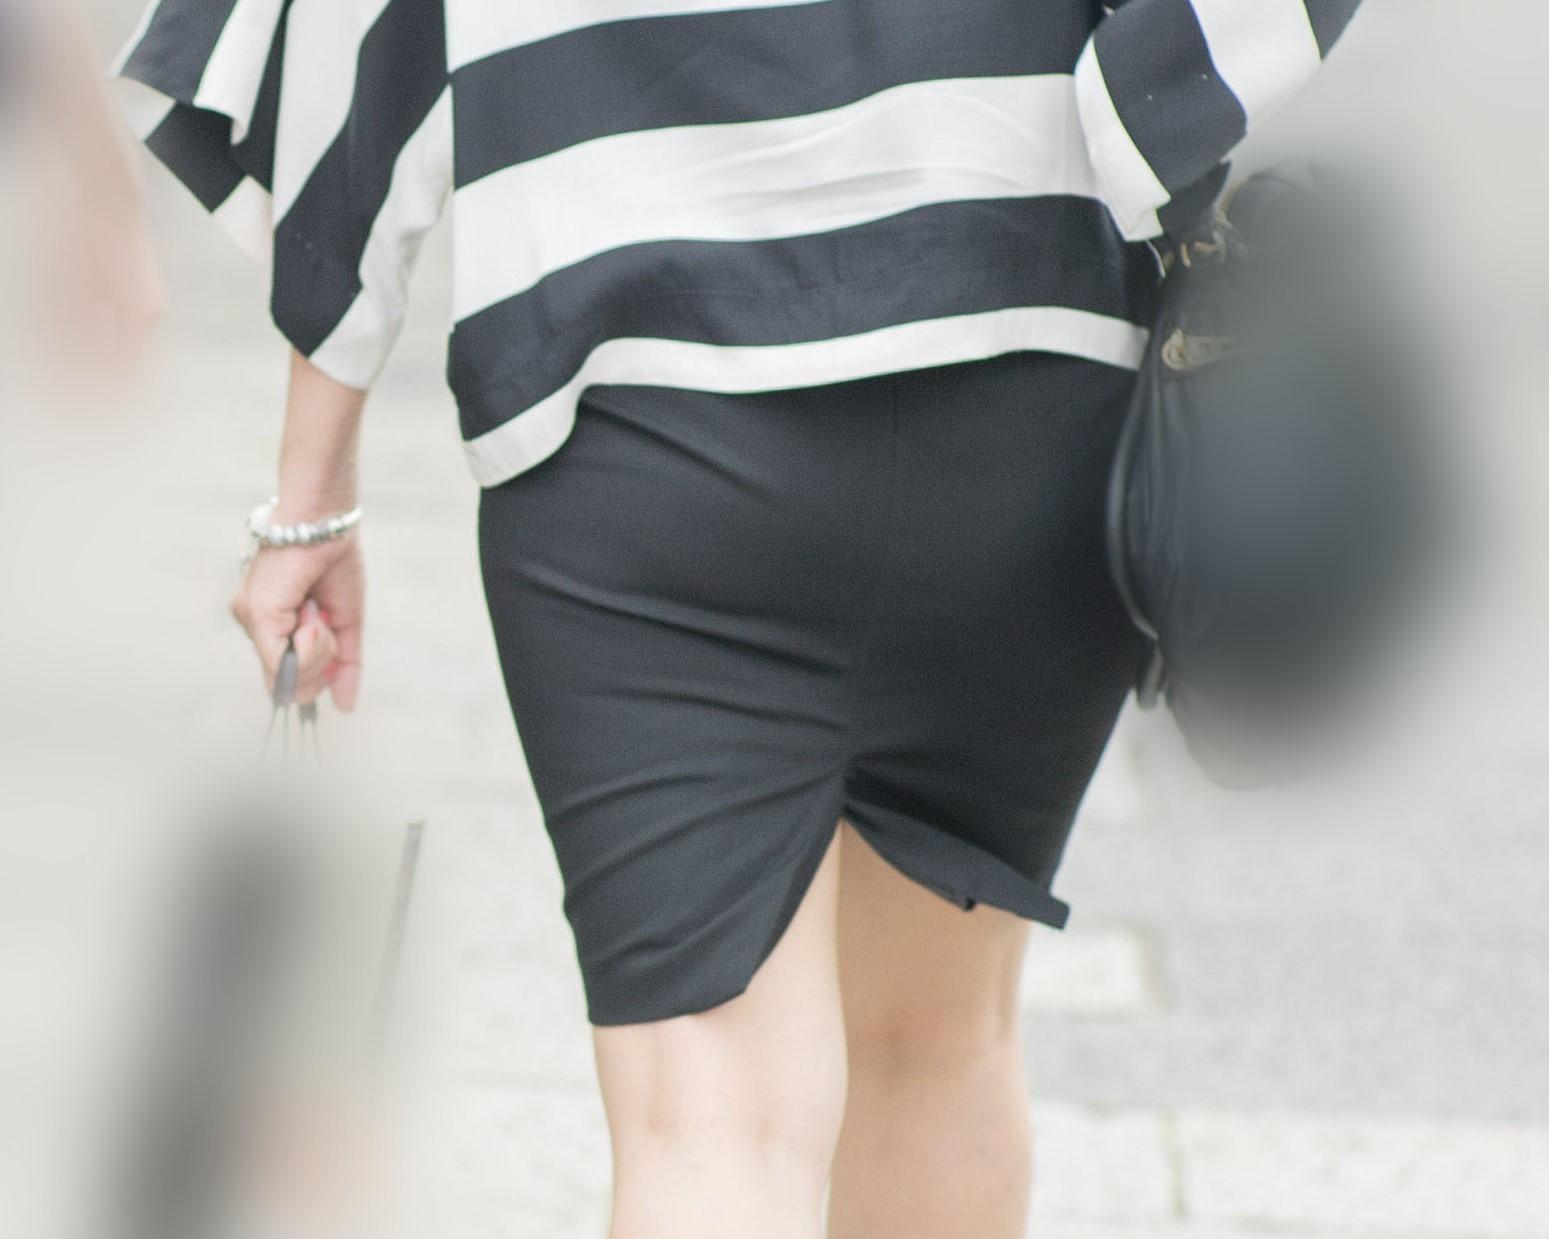 【街撮り】自慢のプリケツを黒のタイスカに包んで歩くお姉さん